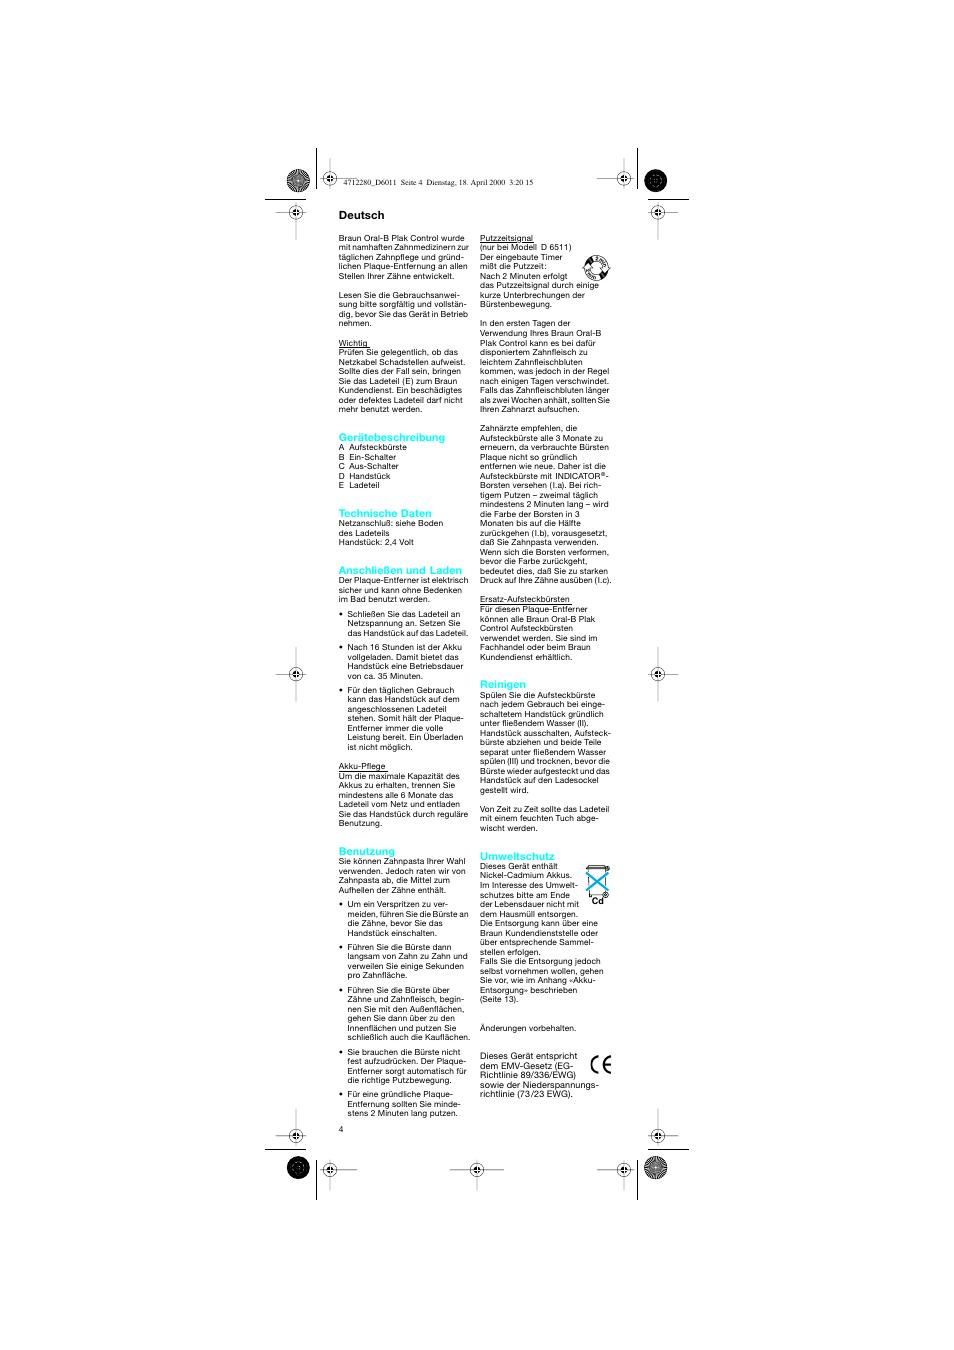 Deutsch | Braun D6011 Plak Control User Manual | Page 4 / 20